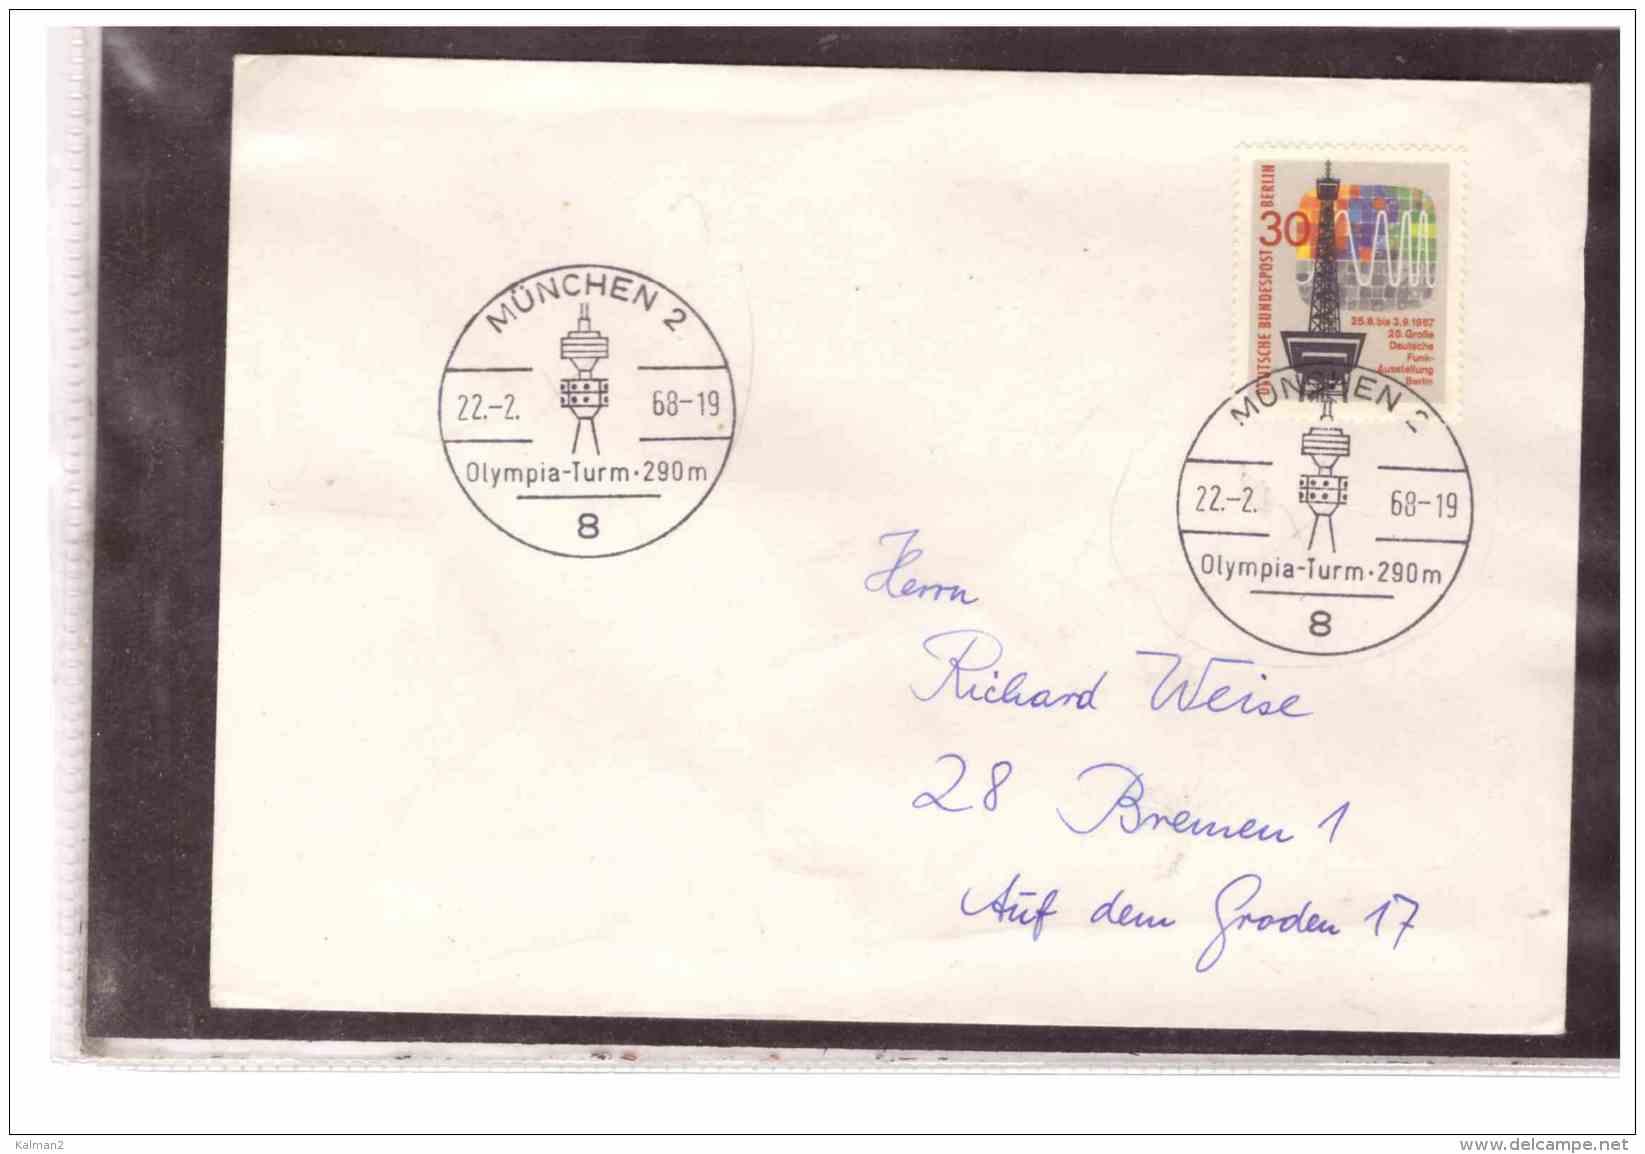 TEM10012   -   MUENCHEN  22.2.1968   /     OLYMPIA-TURM  290 M.  - - Non Classificati